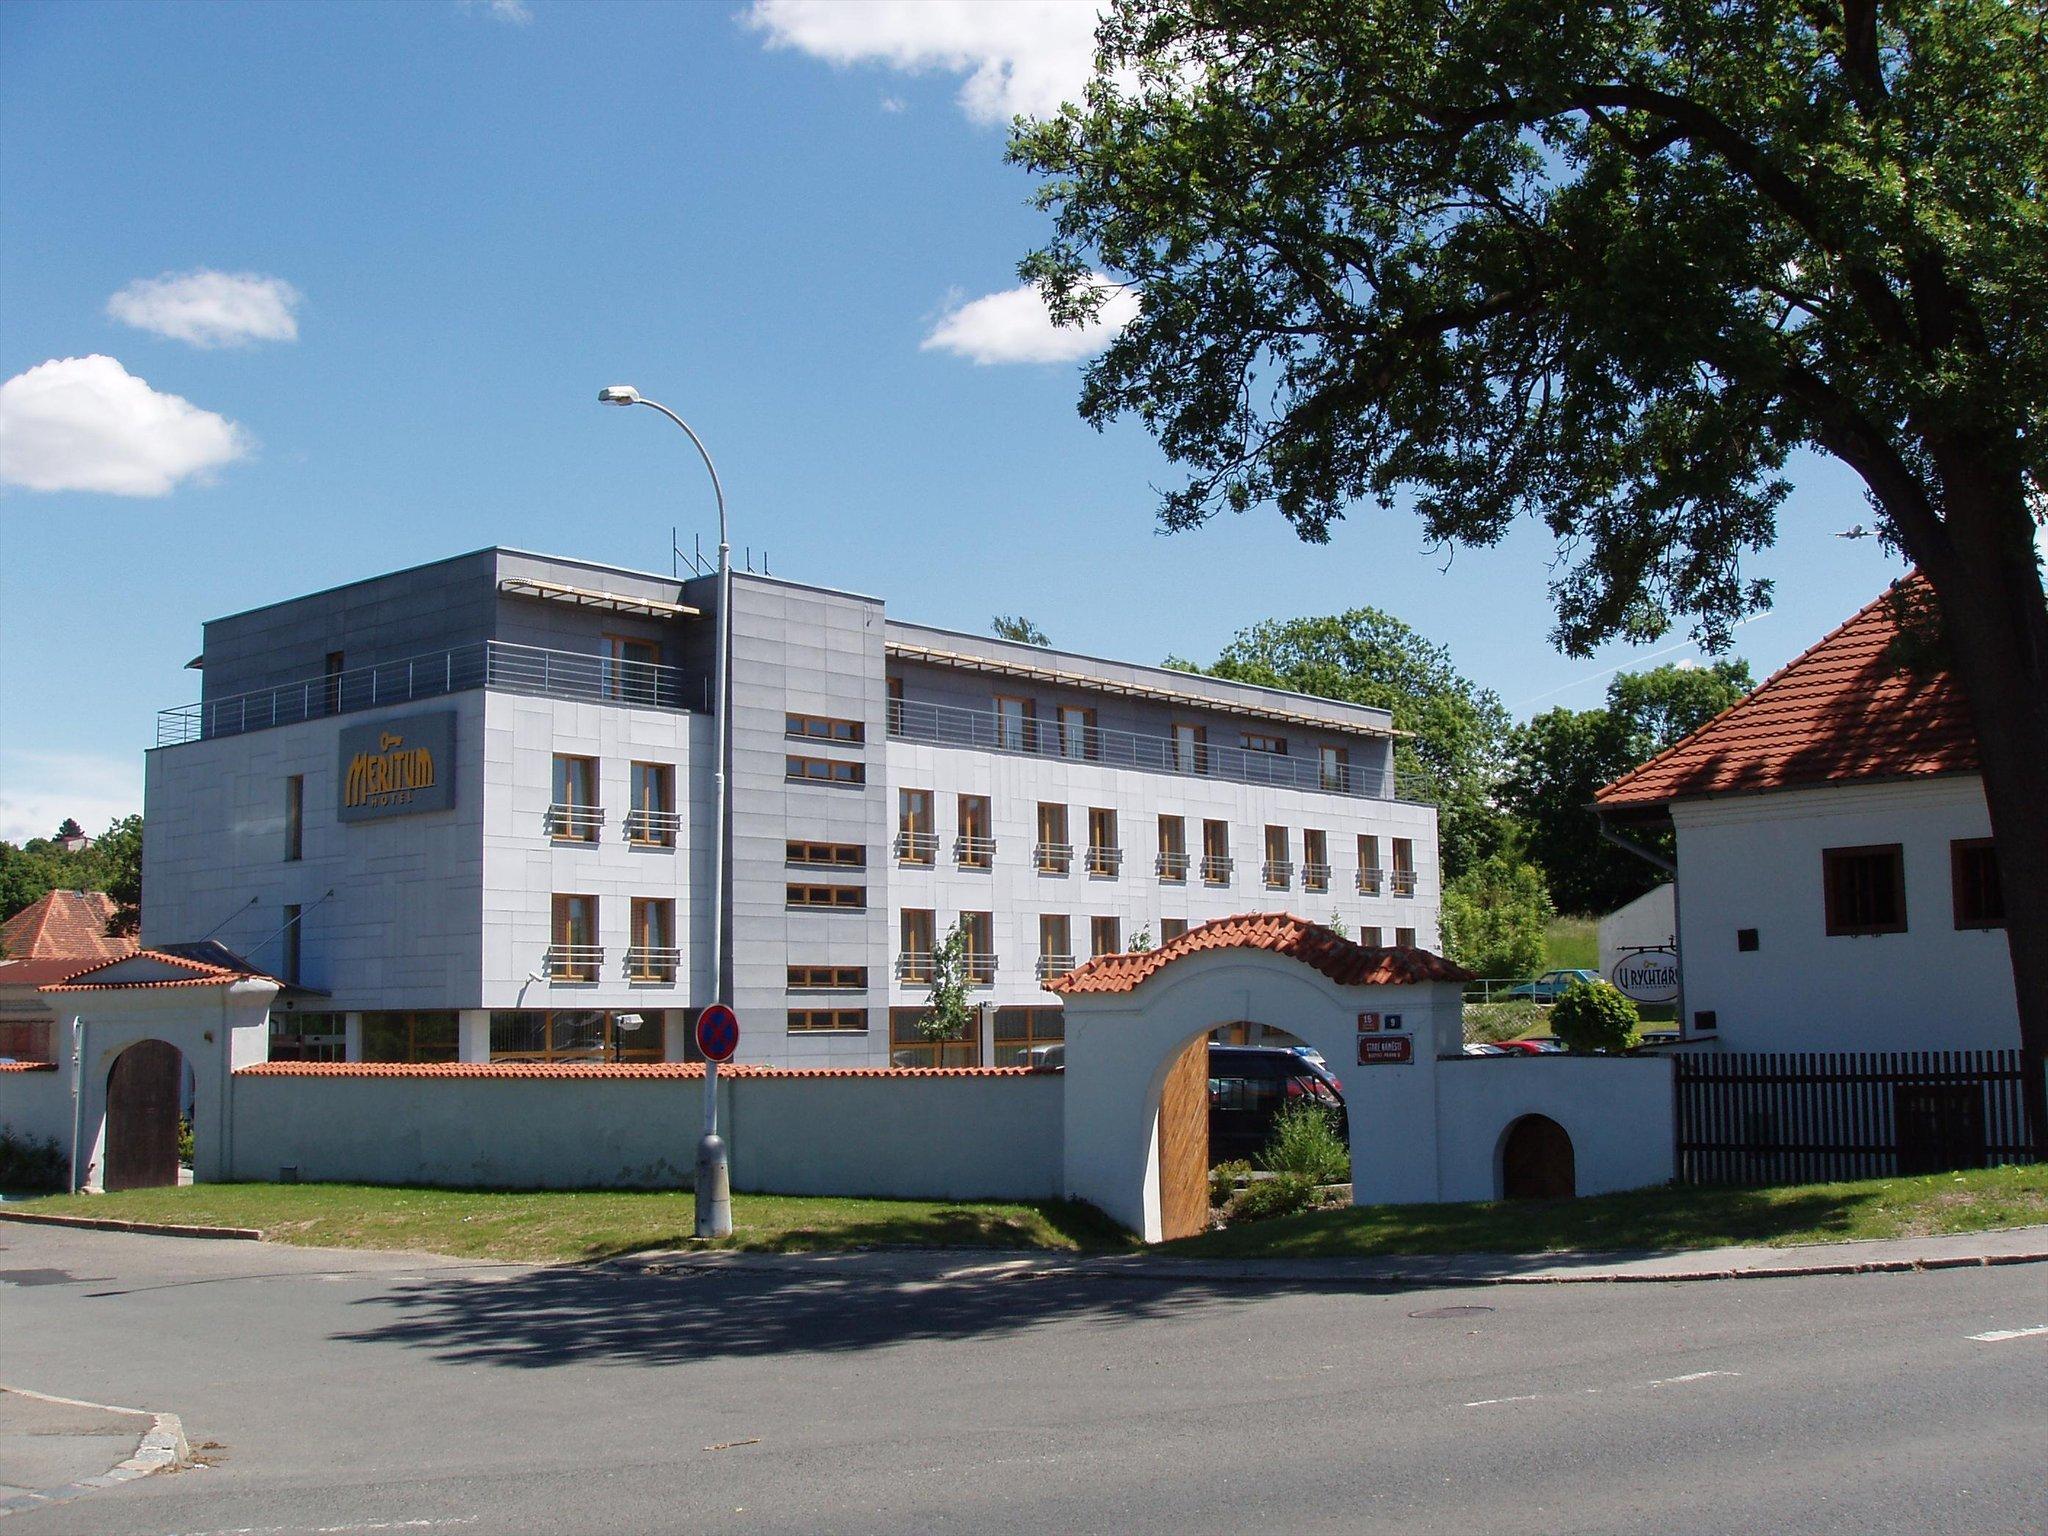 ホテル メリタム